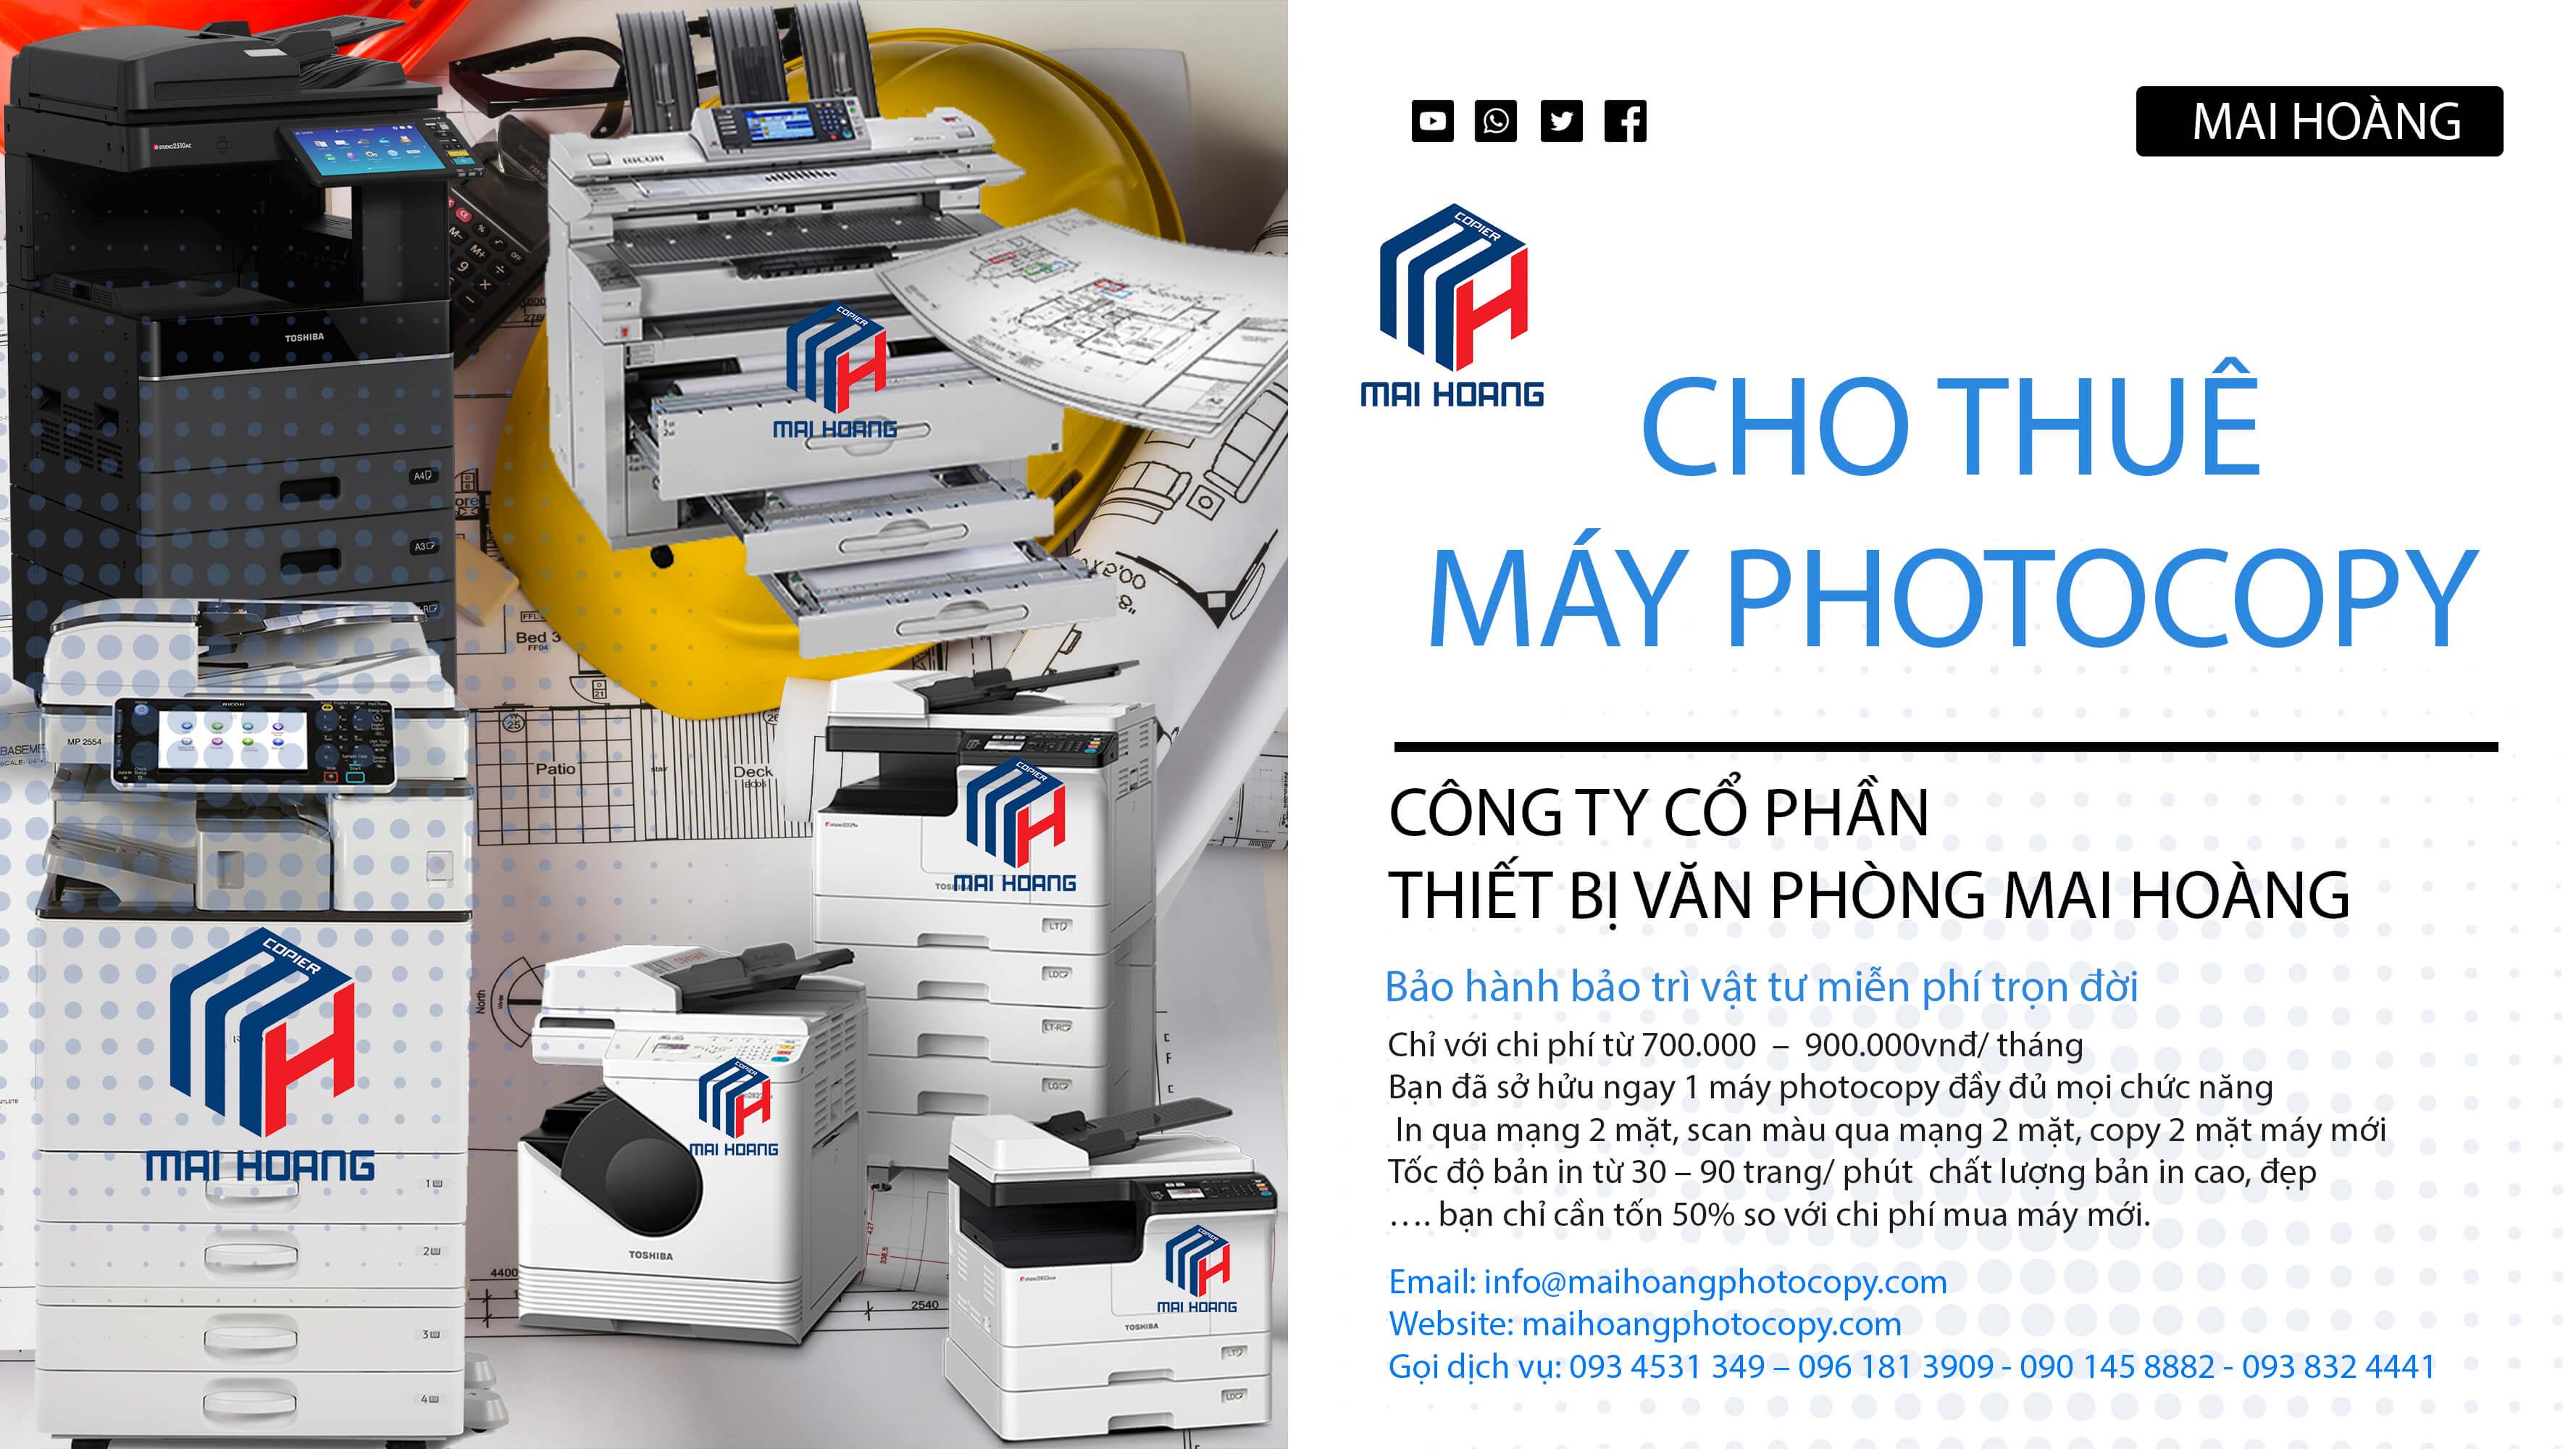 dịch vụ cho thuê máy photocopy quận 5